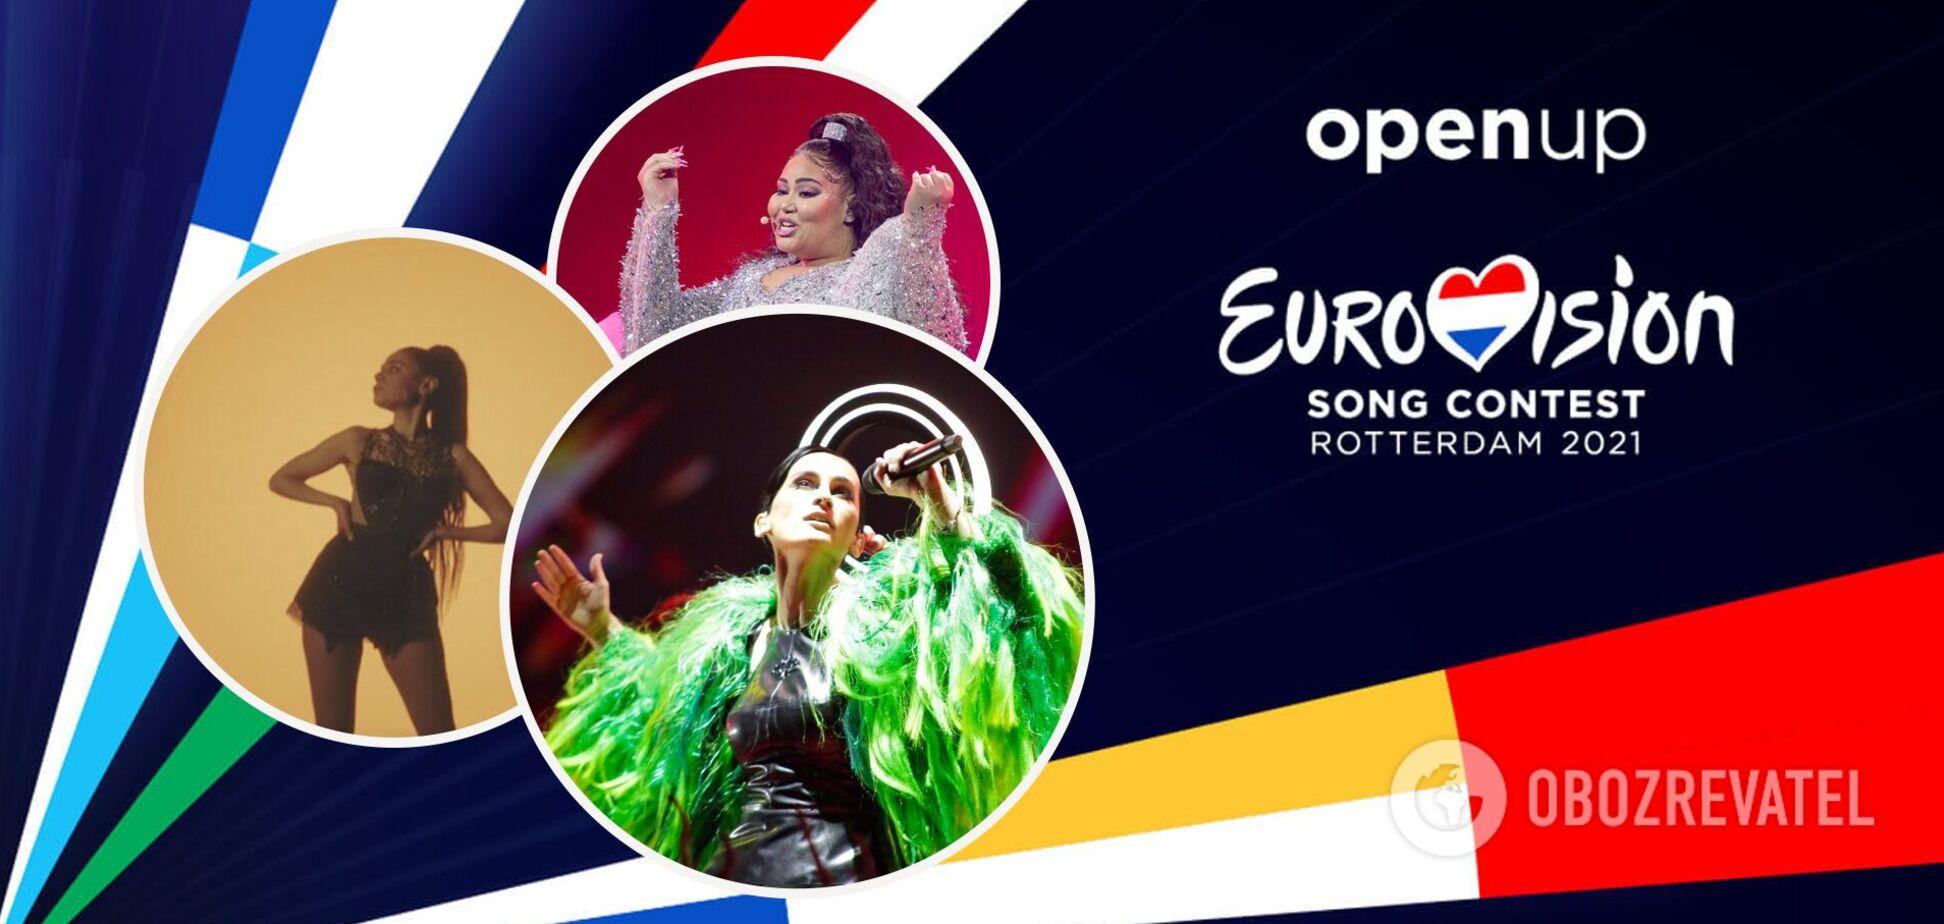 Евровидение 2021: как прошел первый полуфинала конкурса